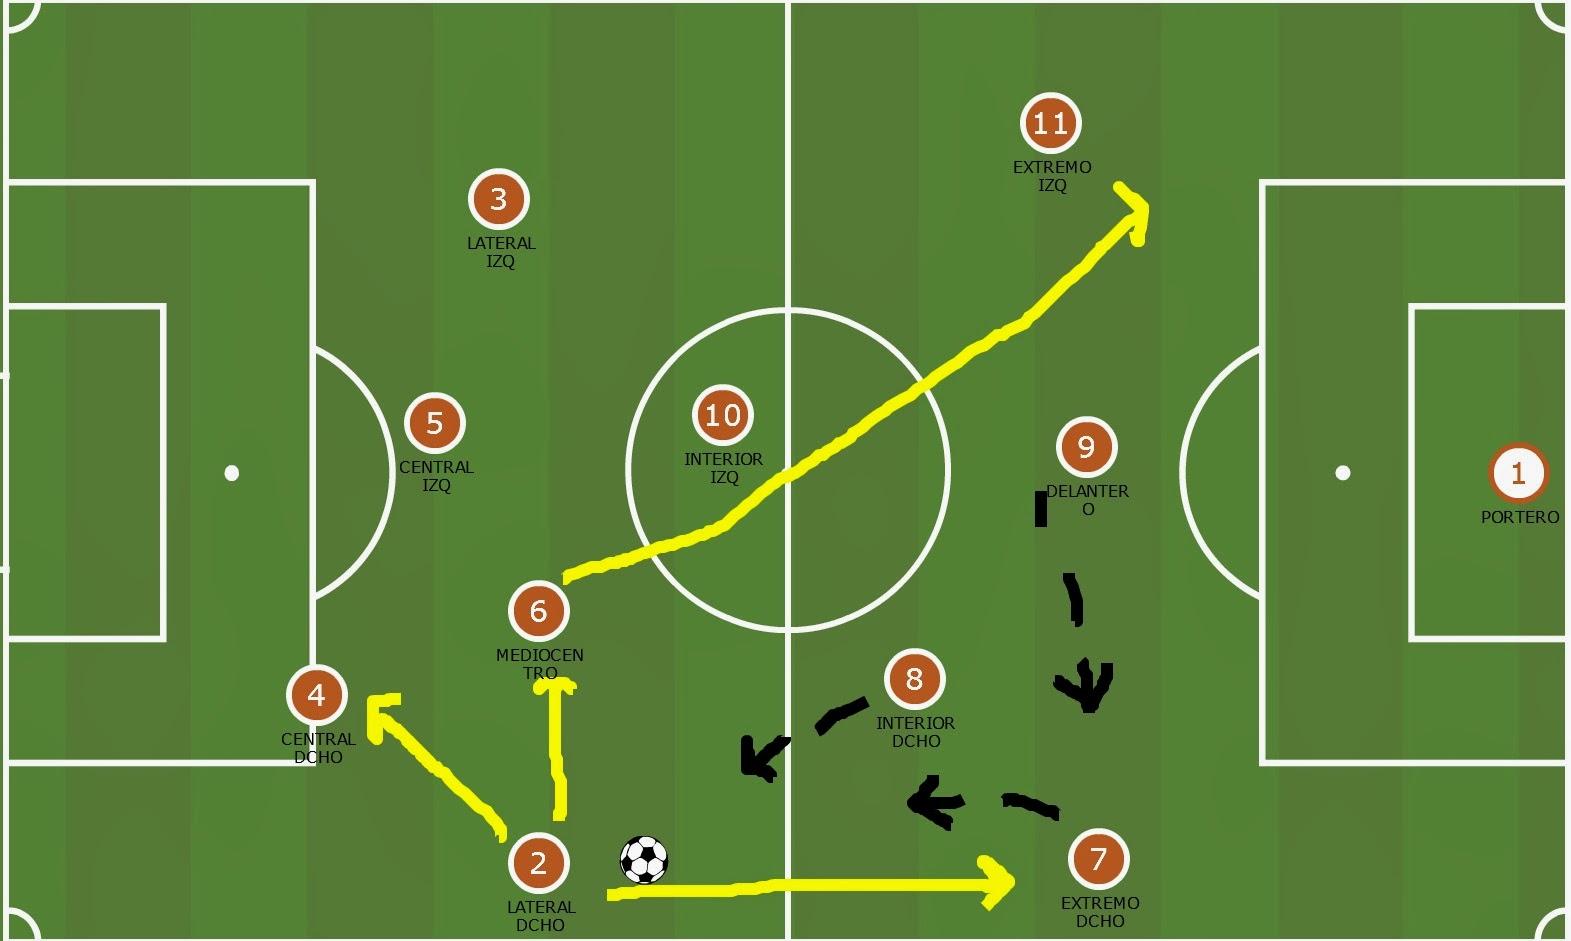 Táctica: 3 o 4 centrocampistas, teorías.